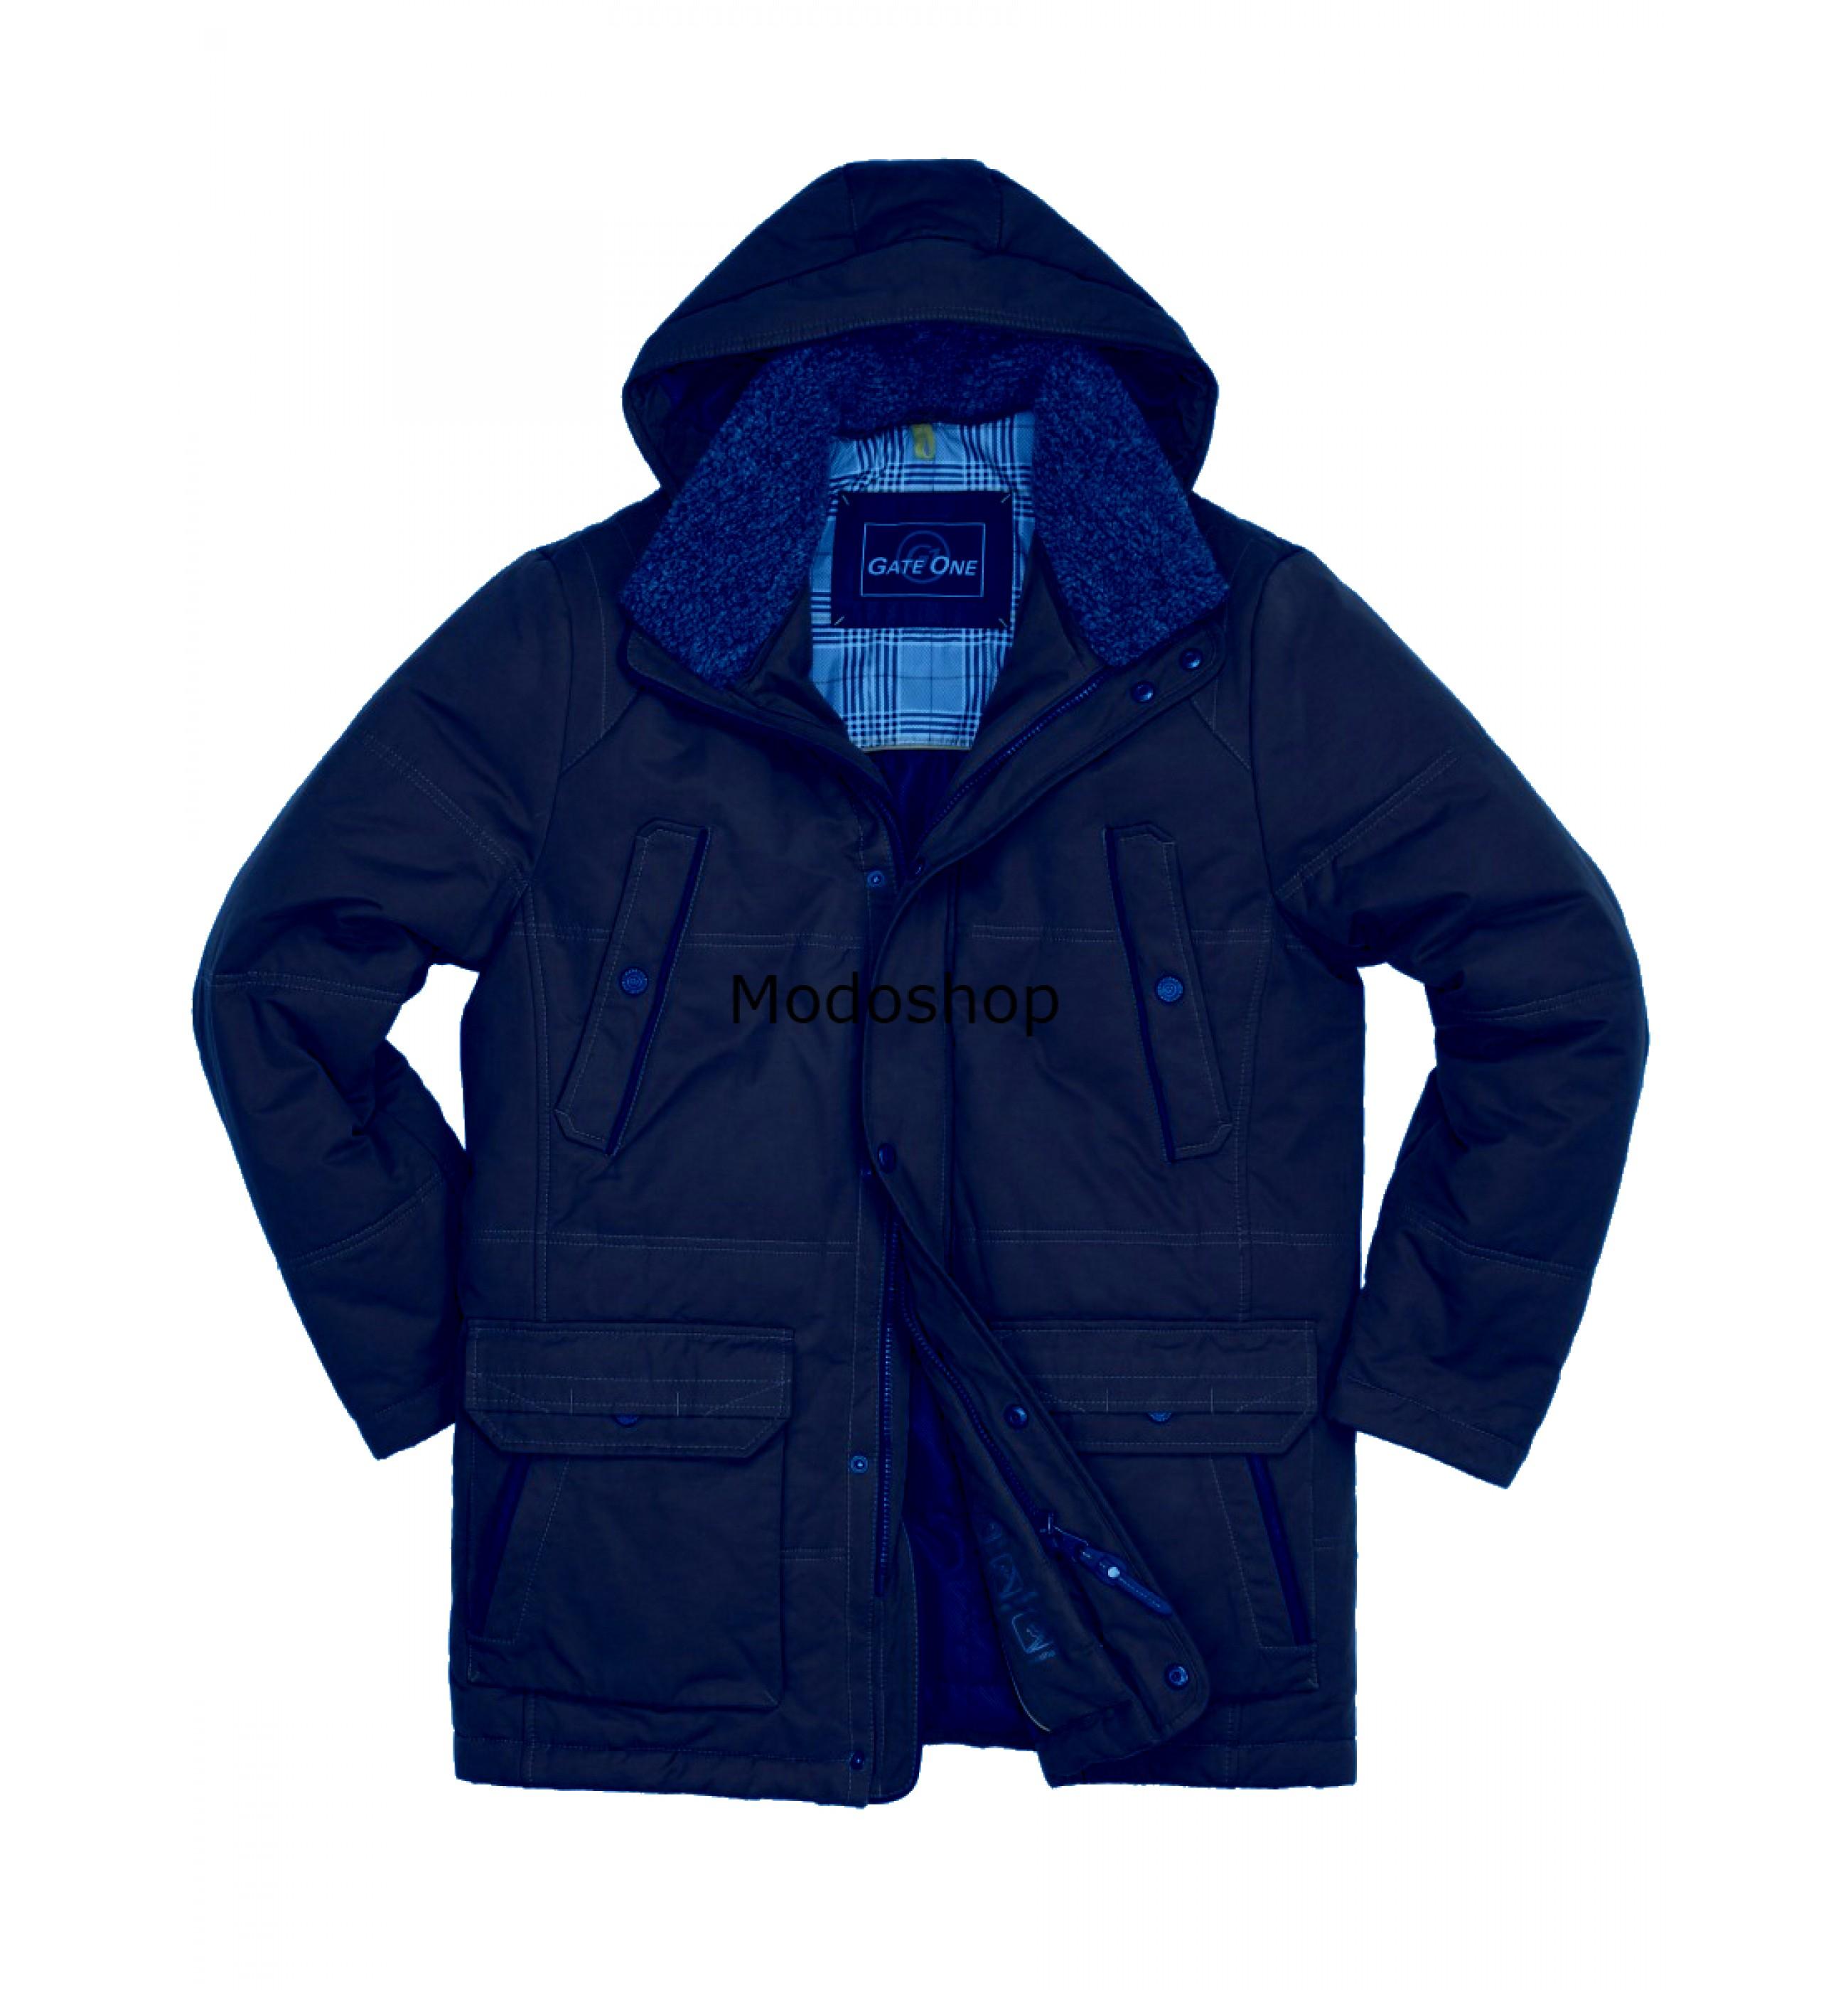 Куртка мужская Gate One 5131 488 43 New!!!